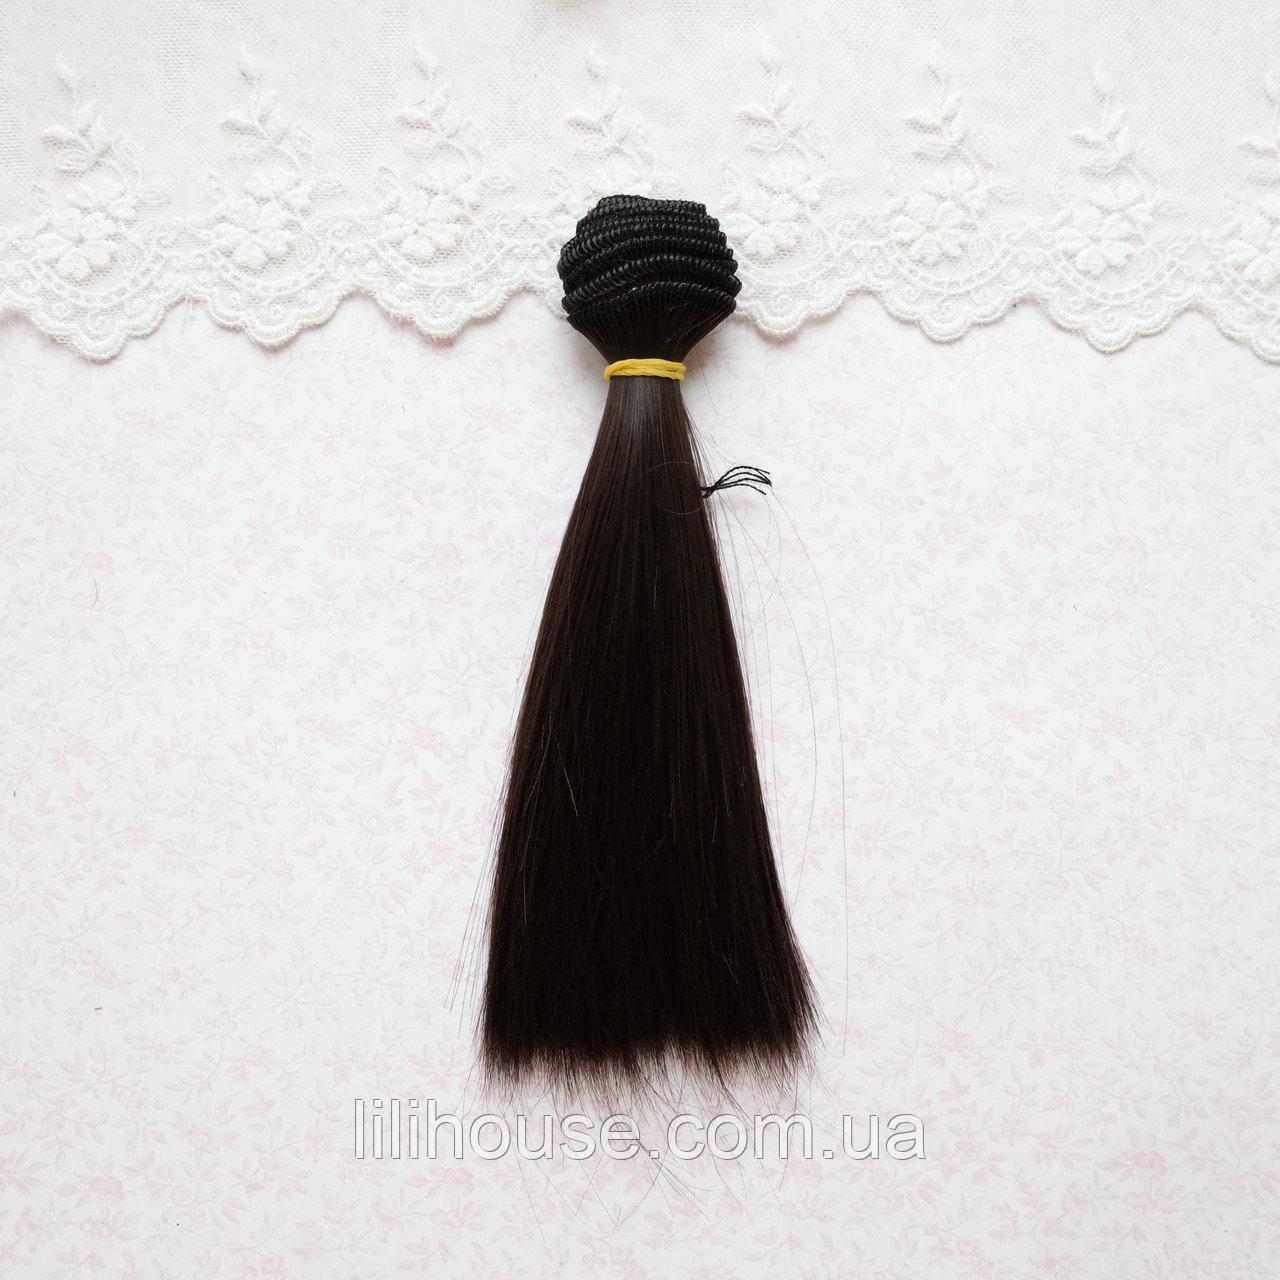 Волосы для Кукол Трессы Прямые КАШТАН ТЕМНЫЙ  15 см